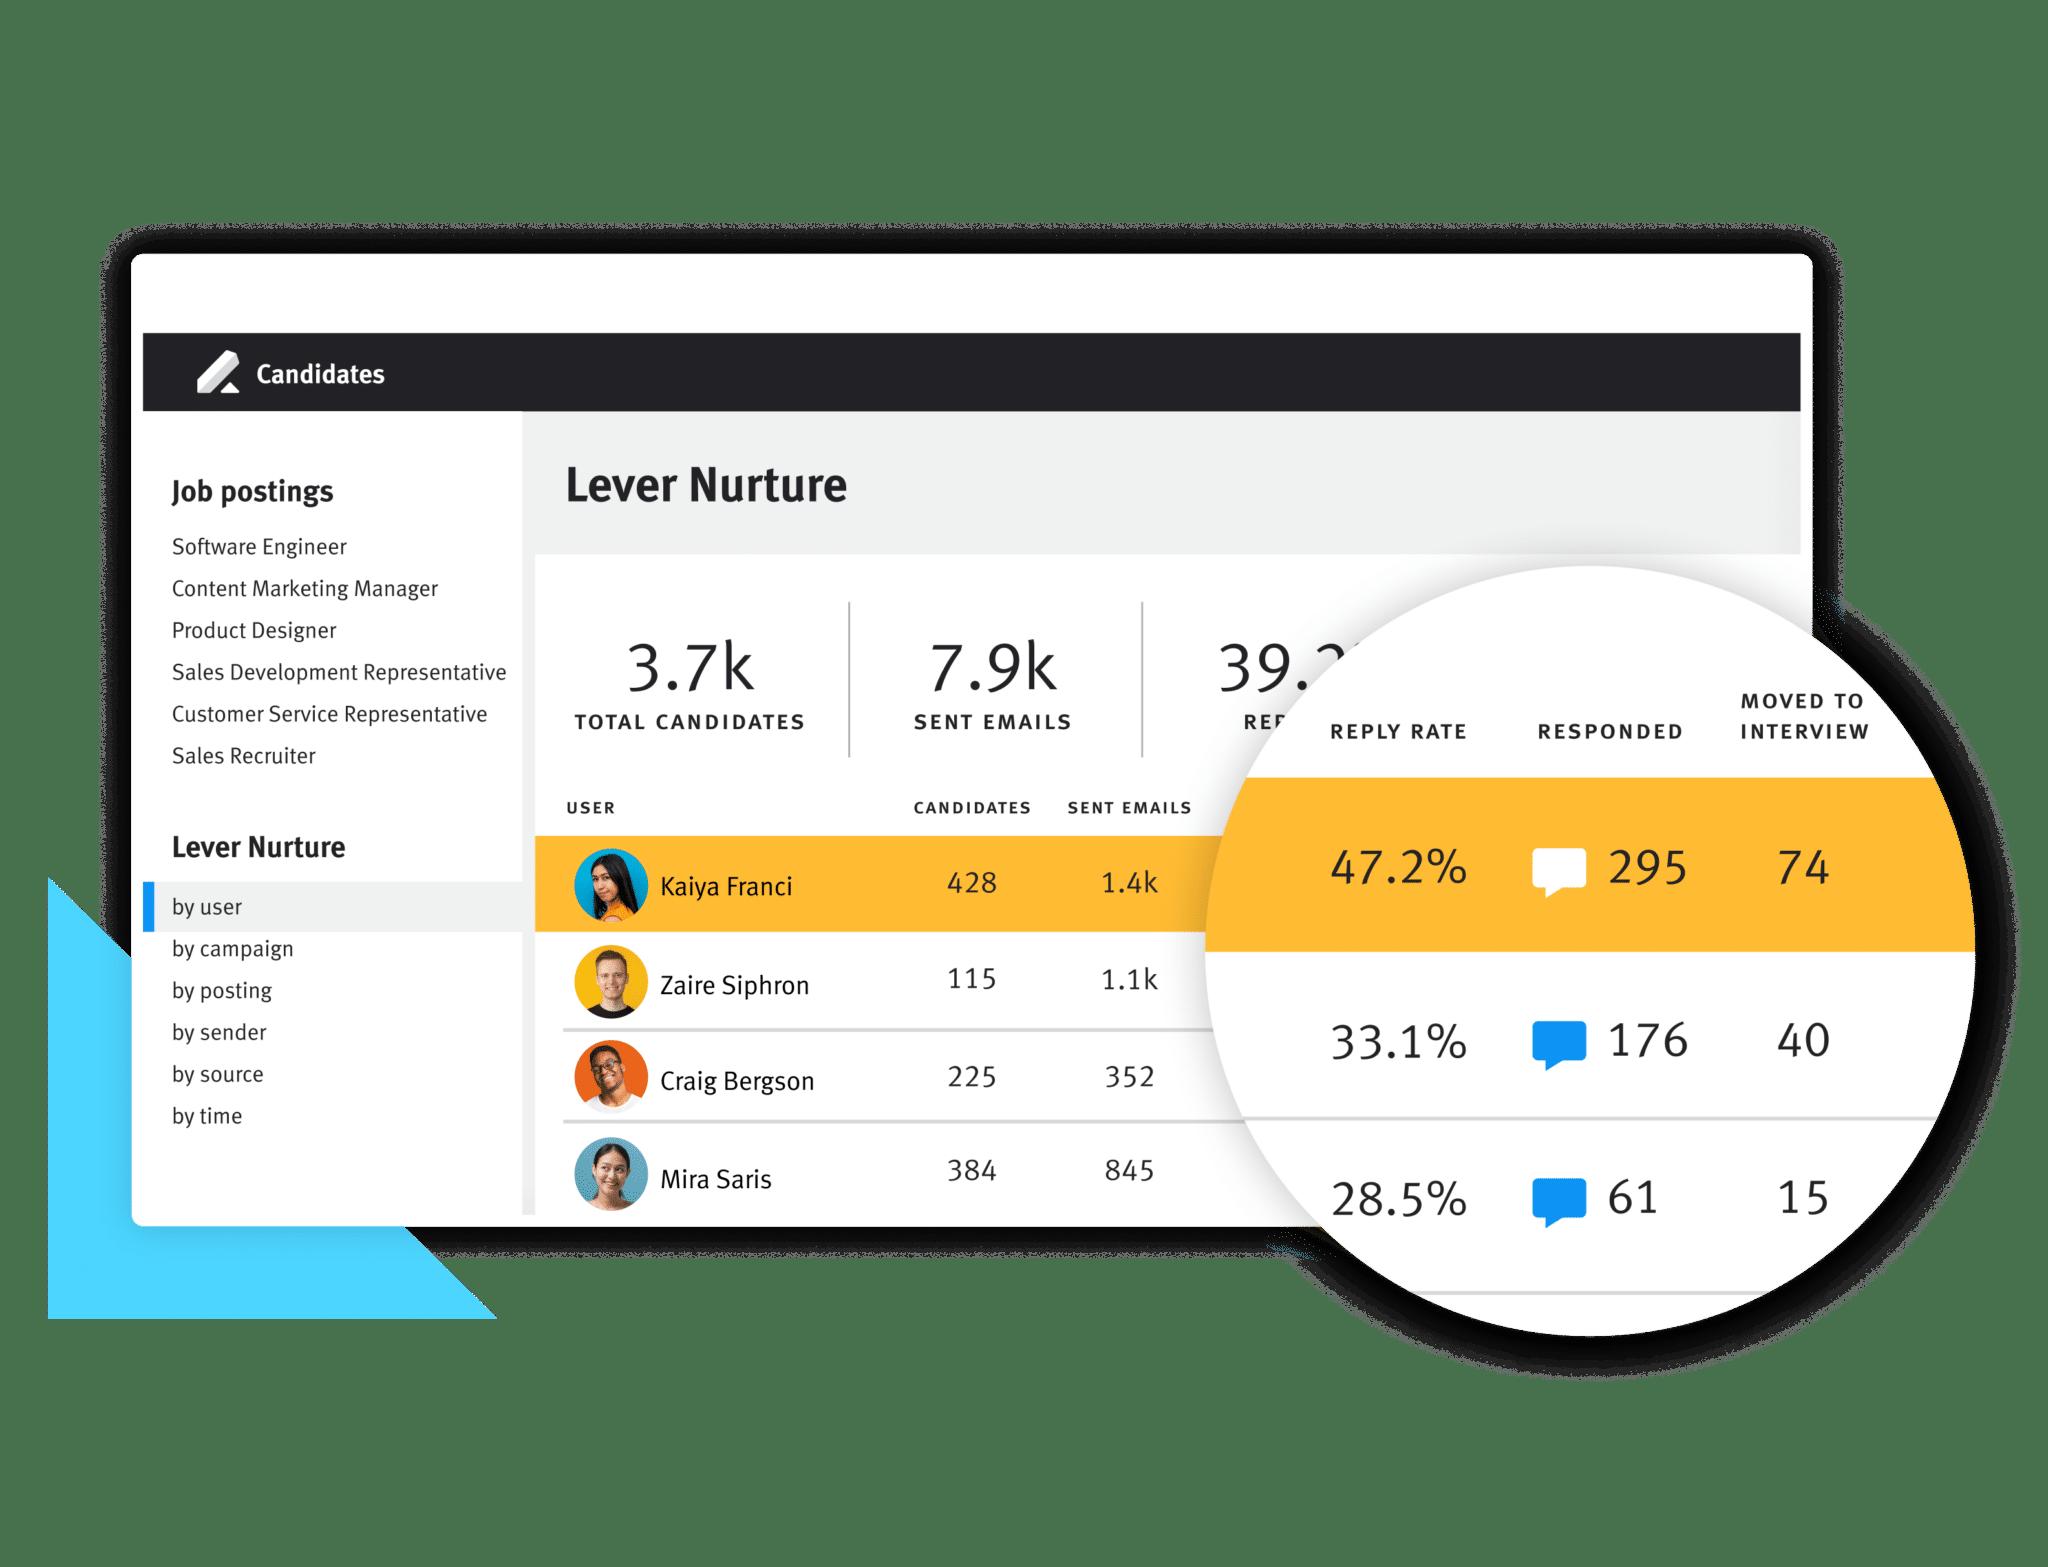 Advanced Nurture by user screen